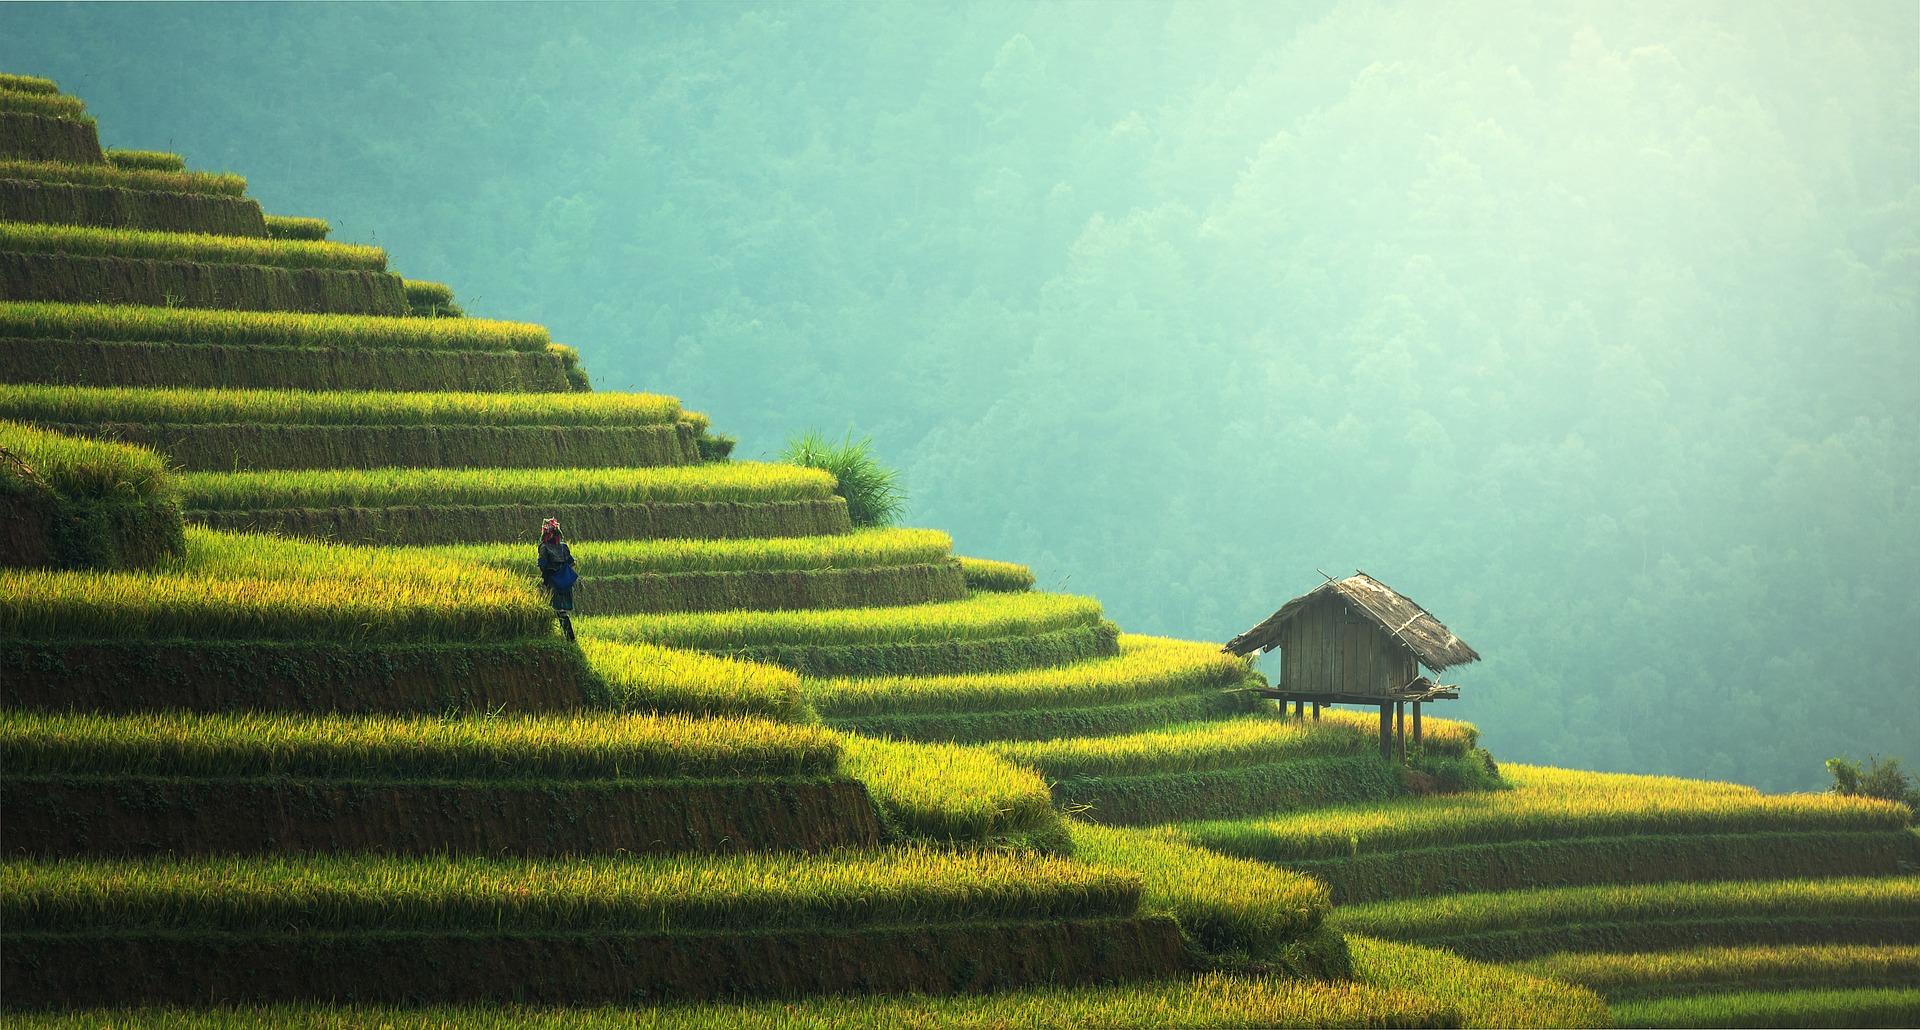 Alleine im Jahr 2016 wurden in Vietnam mehr als 40 Millionen Tonnen Reis angebaut.